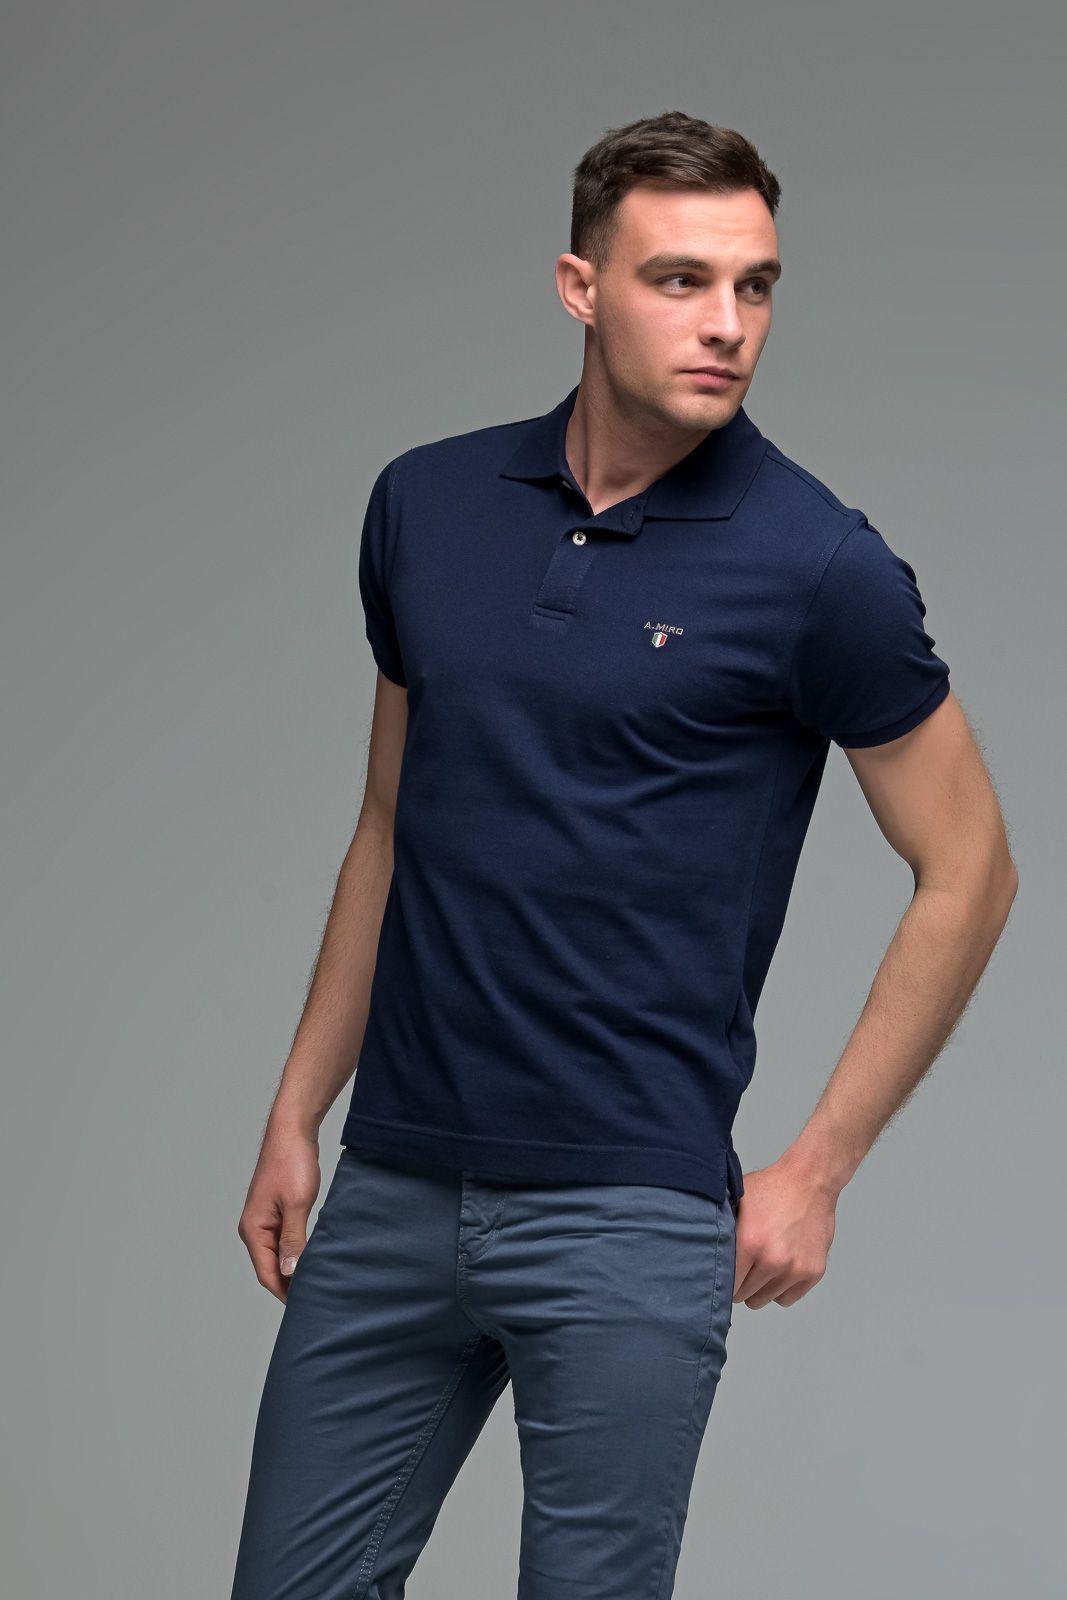 Μονόχρωμο Ανδρικό Πόλο Μπλουζάκι Μπλε Navy Basic Collection- Slim Fit